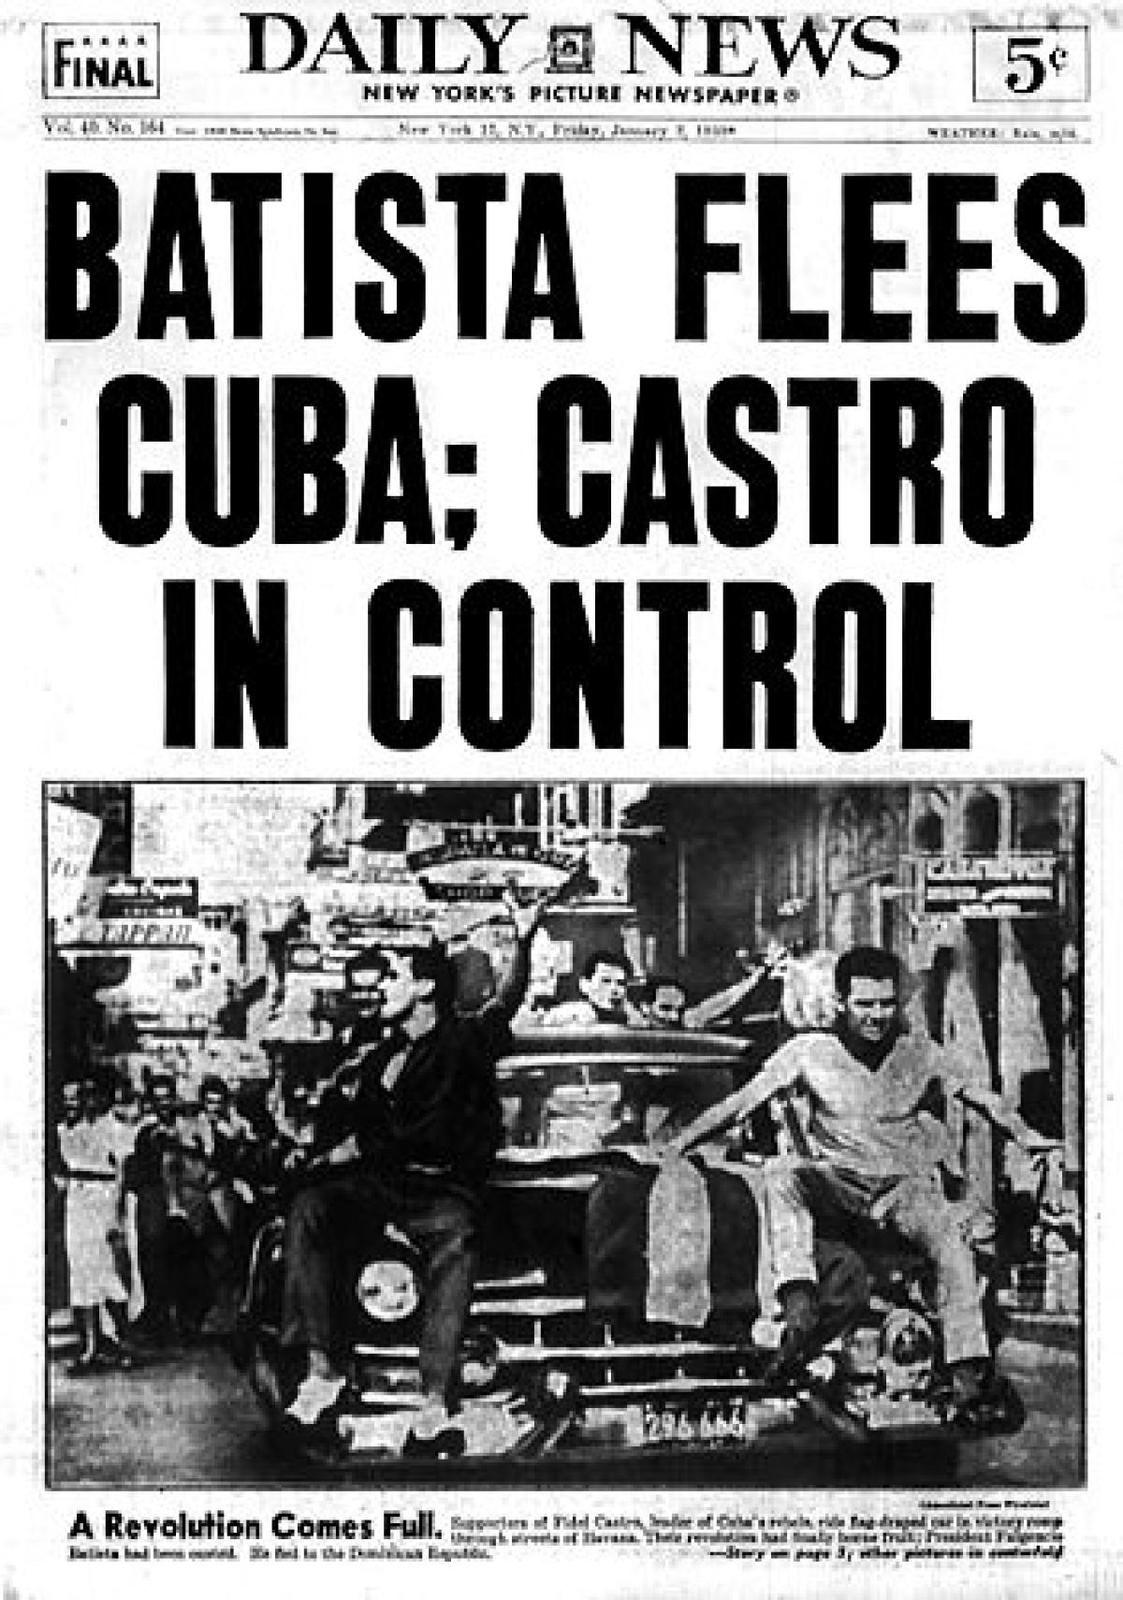 John F. Kennedy et le fiasco de la Baie des Cochons à Cuba, en avril 1961